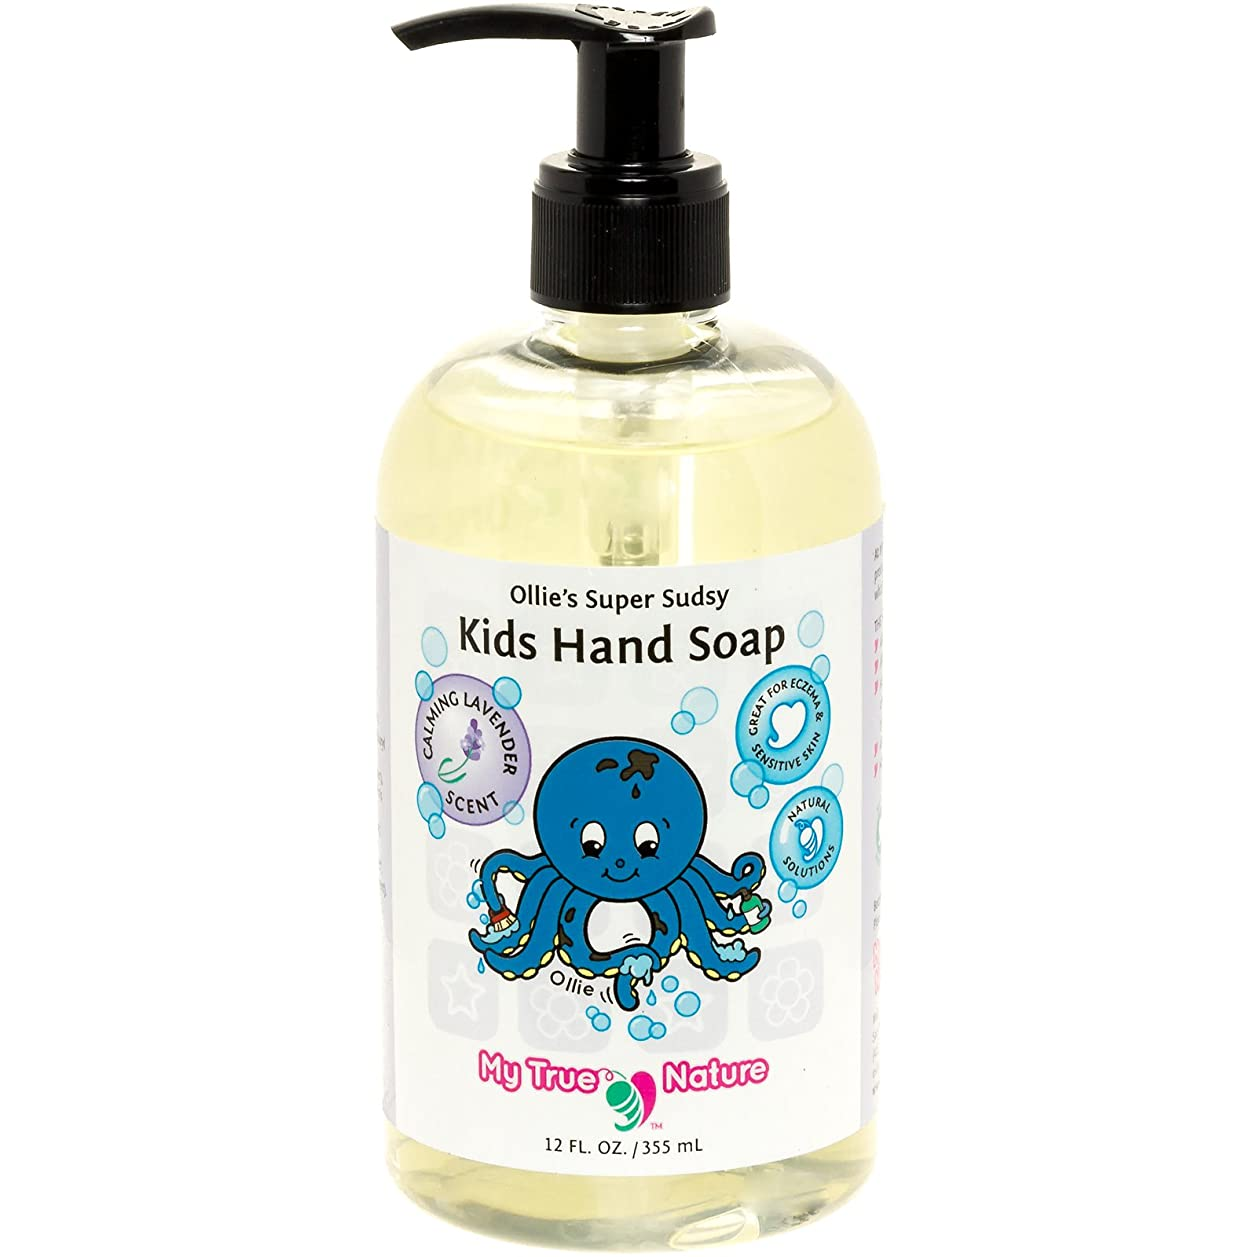 引退した買う光景All Natural Kids Soap - Ollie's Super Sudsy Liquid Hand Soap - Lavender Scent, 12 oz by My True Nature